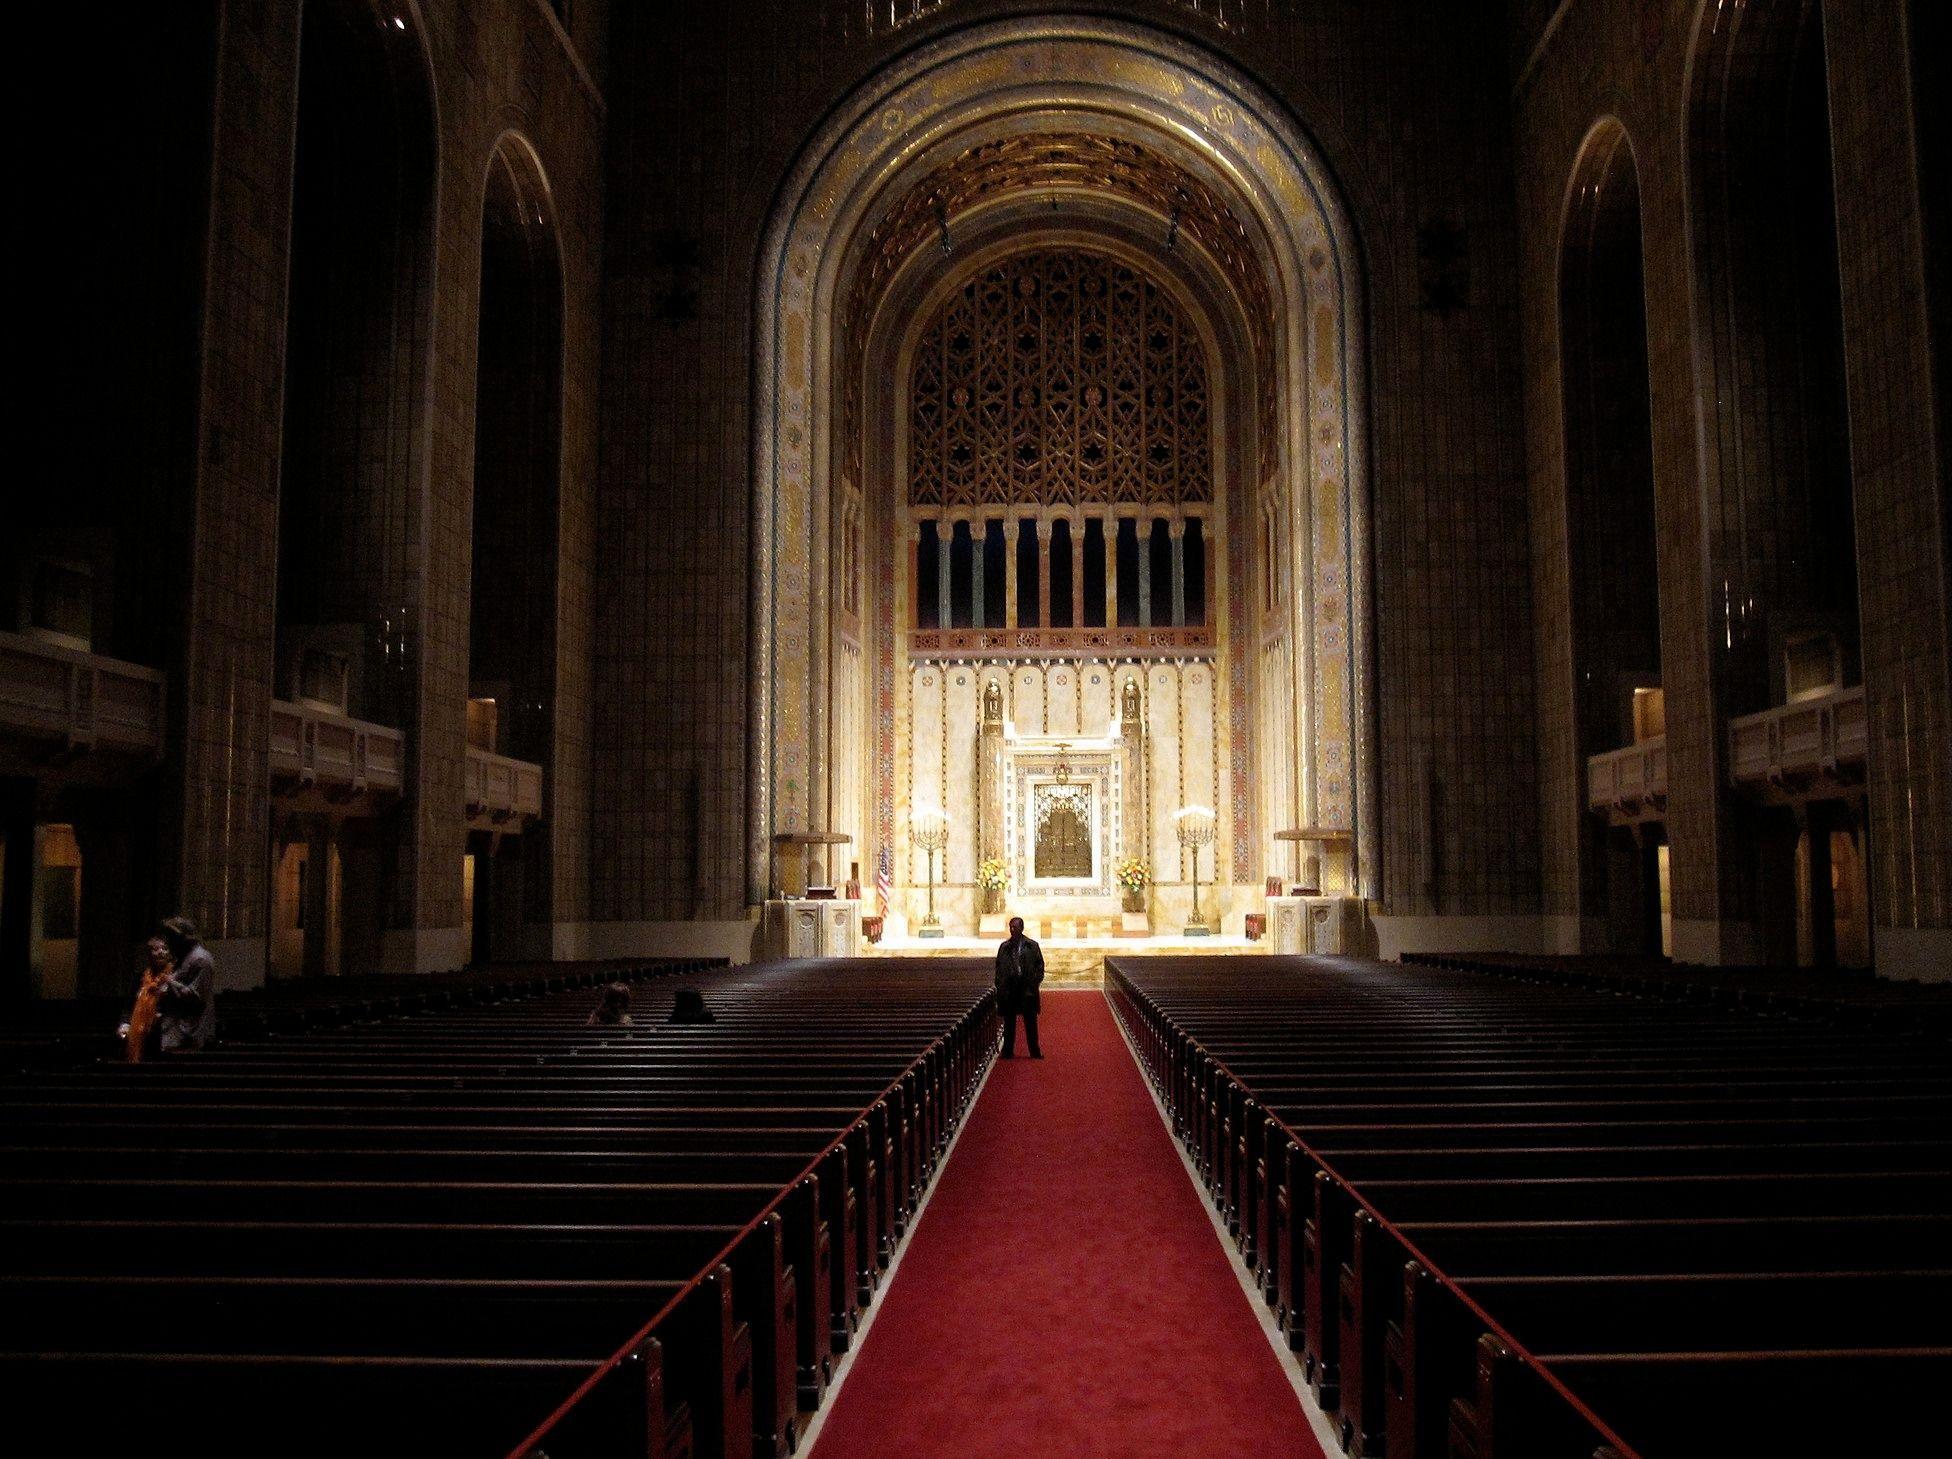 Temple Emanu El, New York City